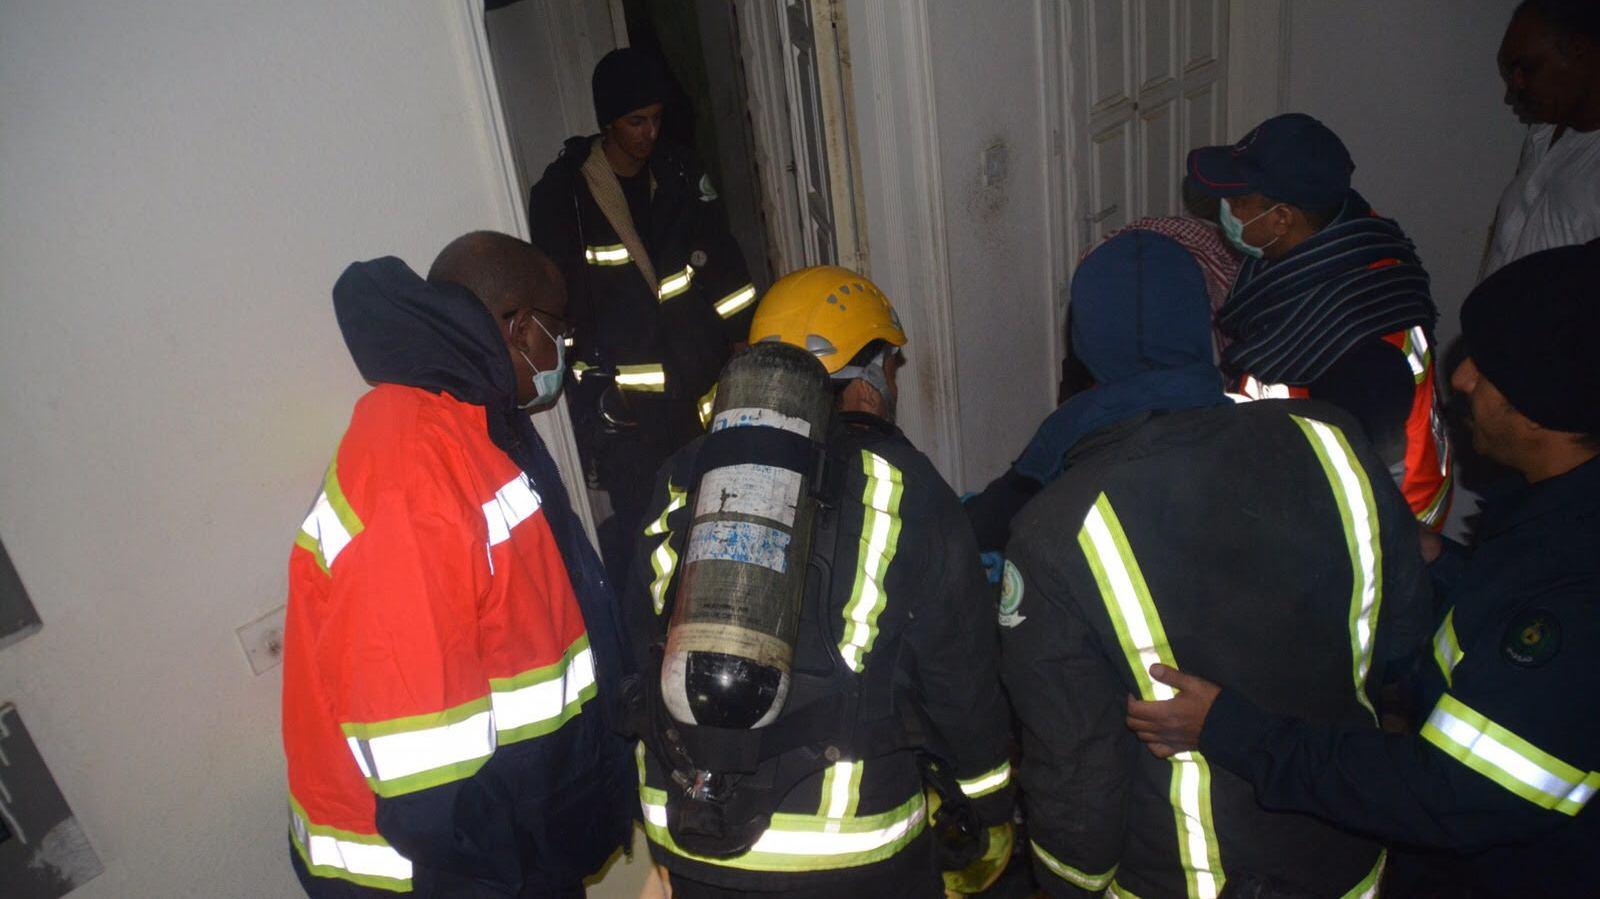 تعبئة مدفئة كروسين بطريقة خاطئة تتسبب بحريق شقة (3)